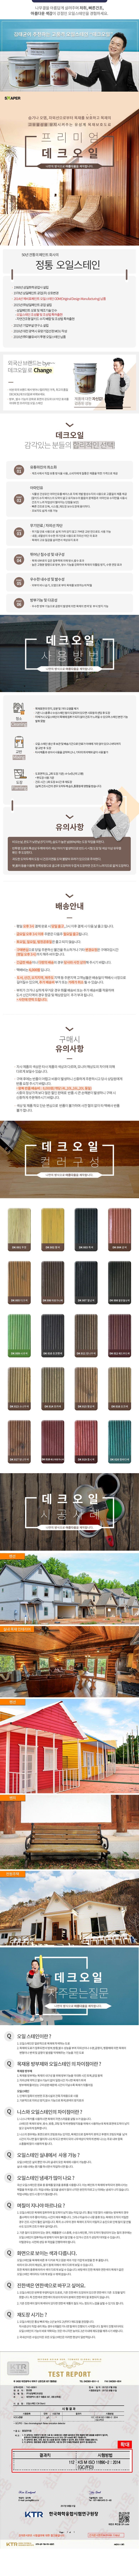 마이칼라 데크오일 4L 나무페인트 데크 니스칠 - 익스트리모, 48,000원, DIY 재료, 페인트